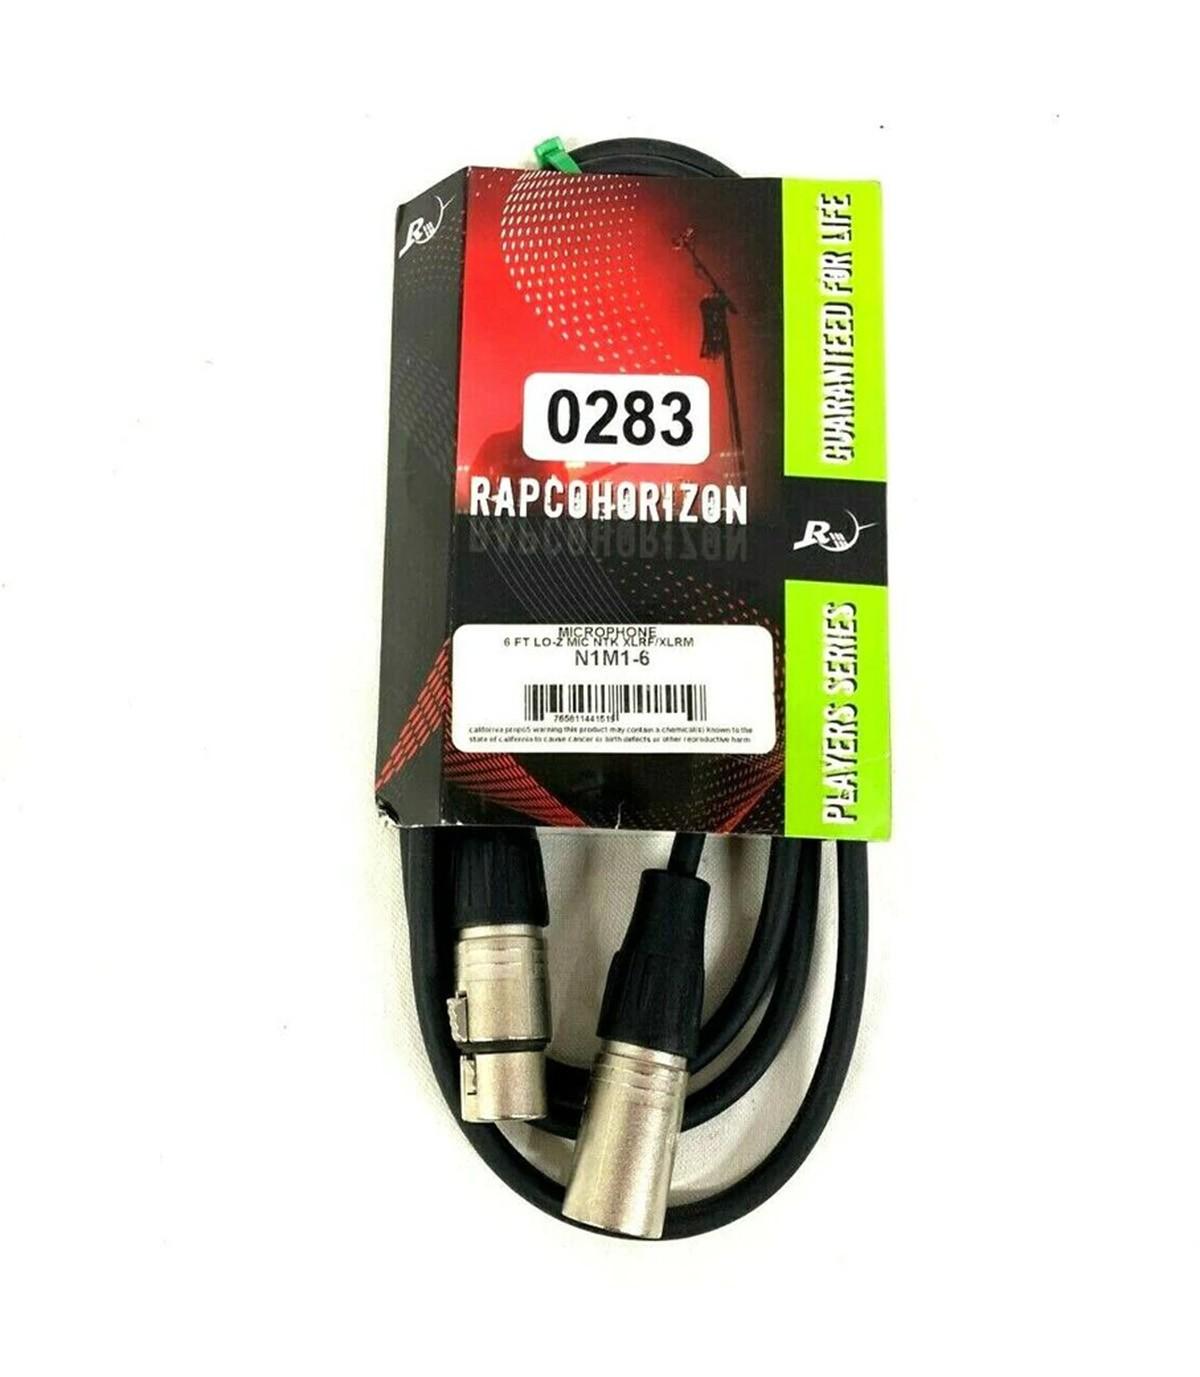 CABO P/MICROFONE XLR 9M RAPCOHORIZON N1M1-30